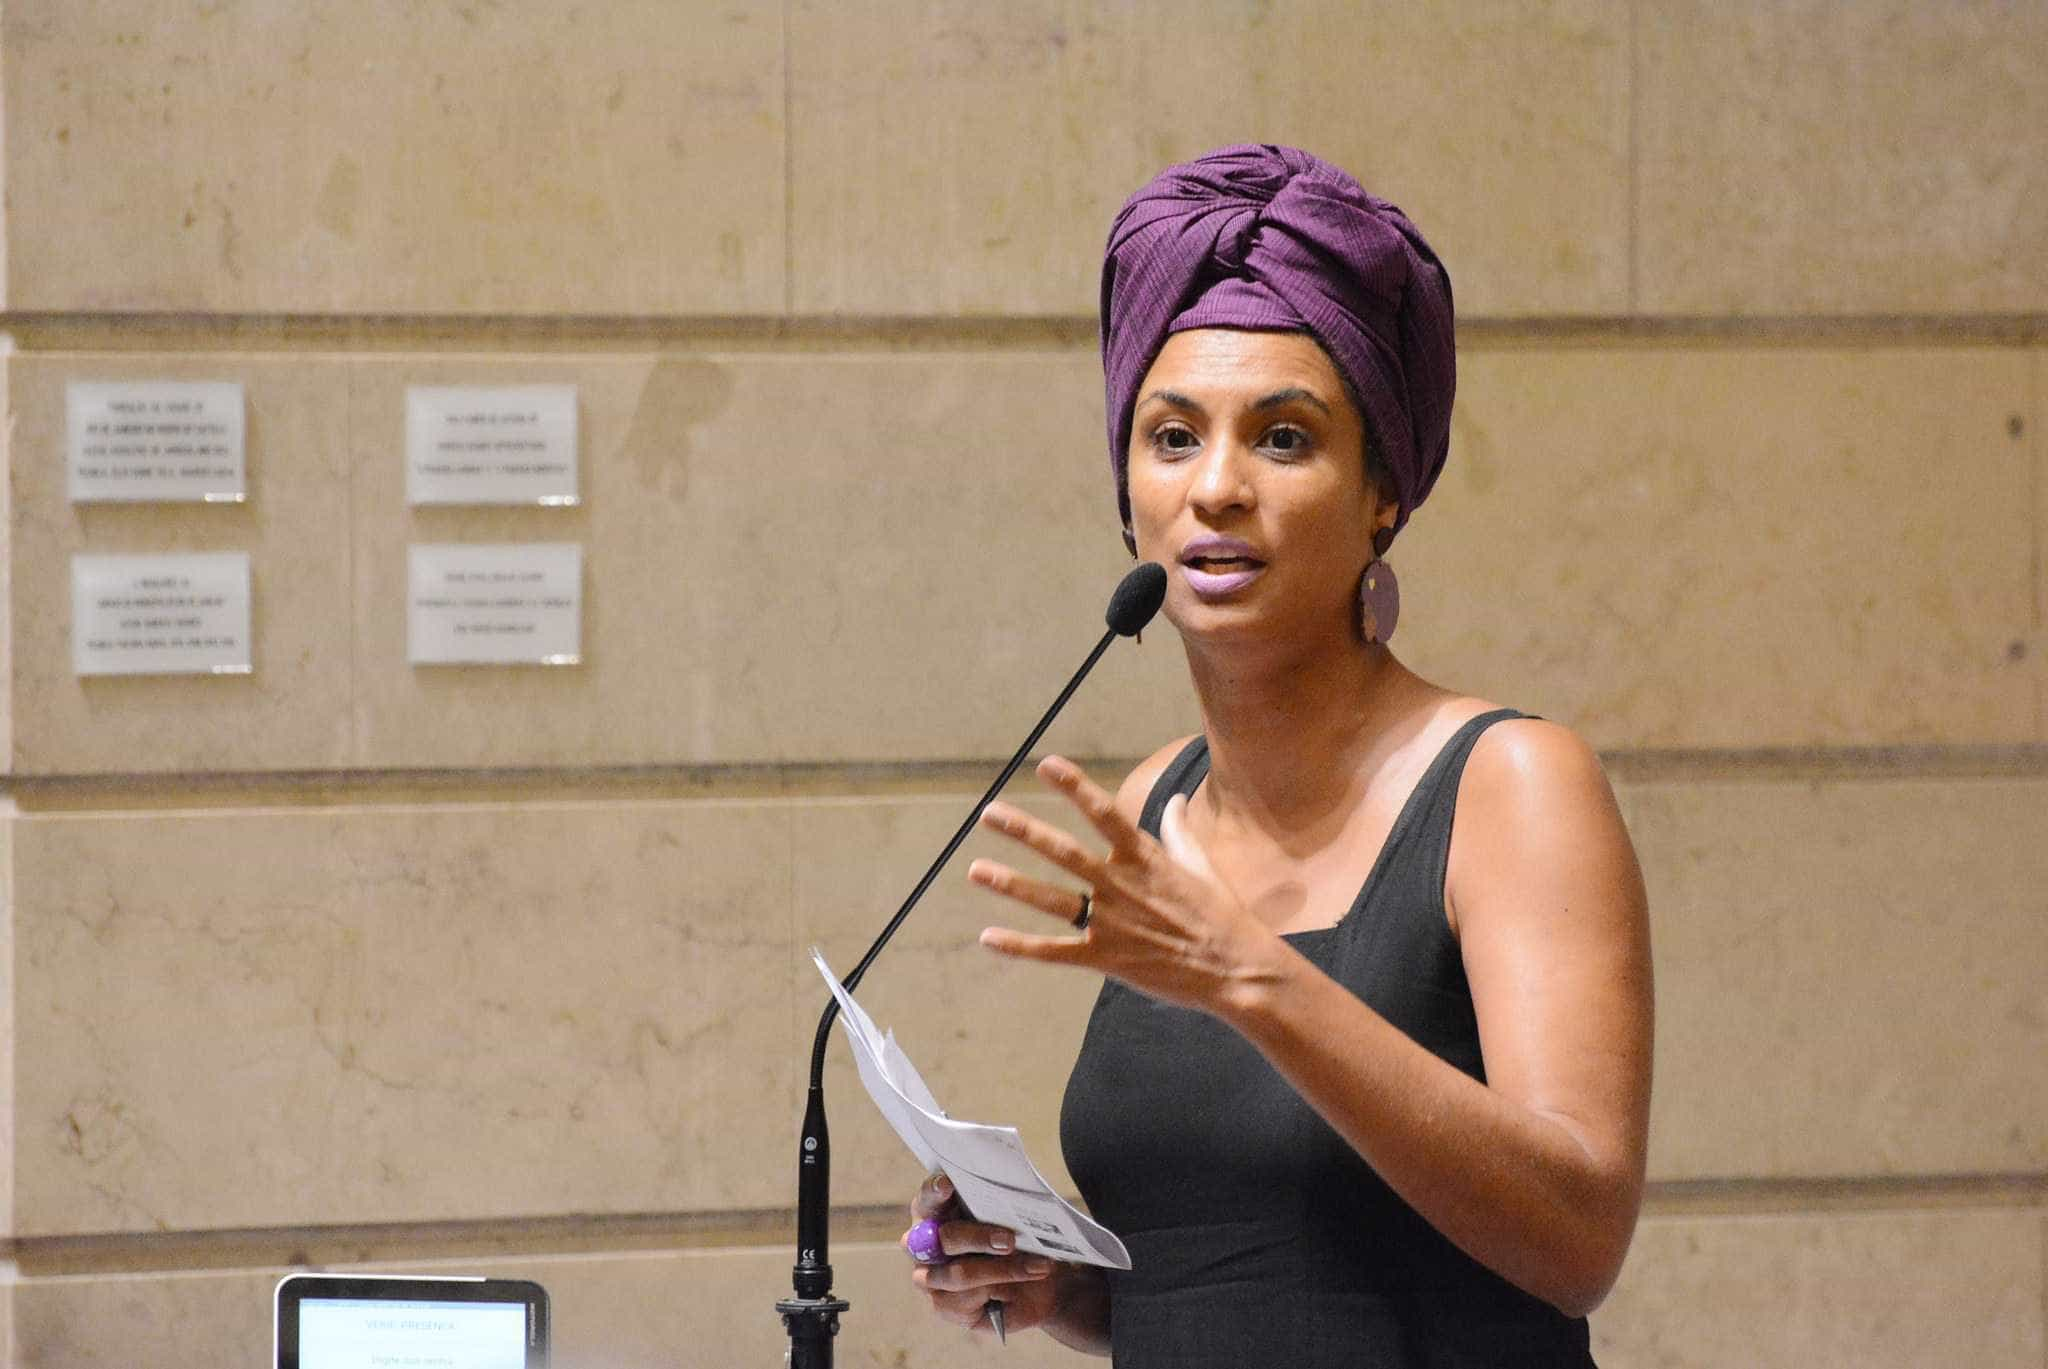 Caso Marielle: moradores da Zona Oeste do Rio são chamados para depor